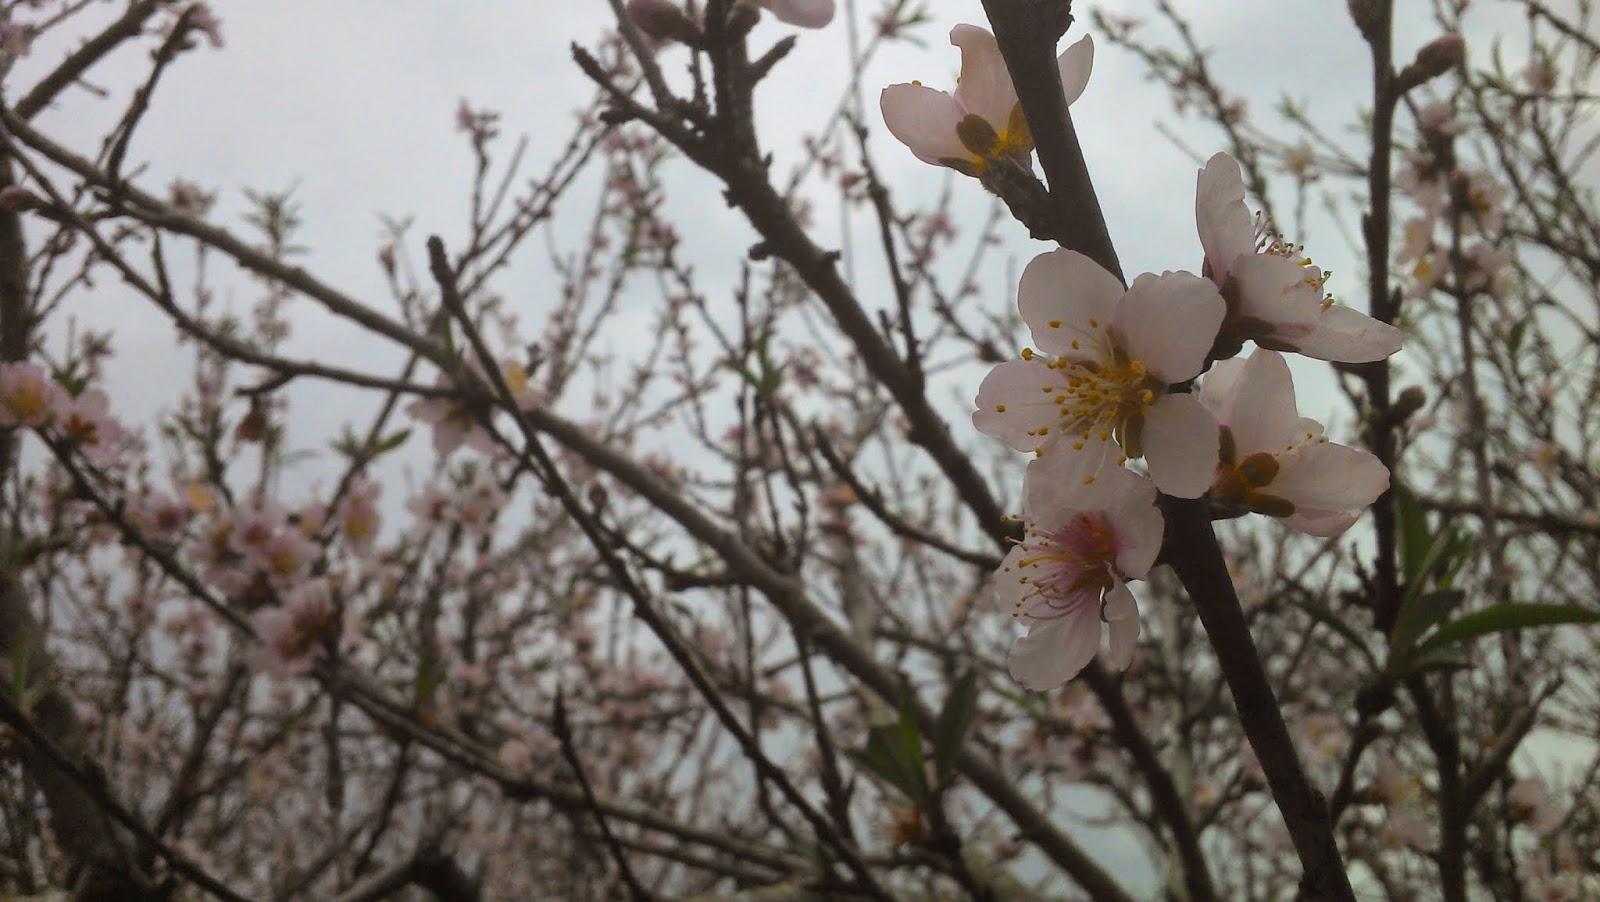 Flor de pessegueiro em um galho em primeiro plano ilustra este post sobre o Shijing, o Livro das Canções.